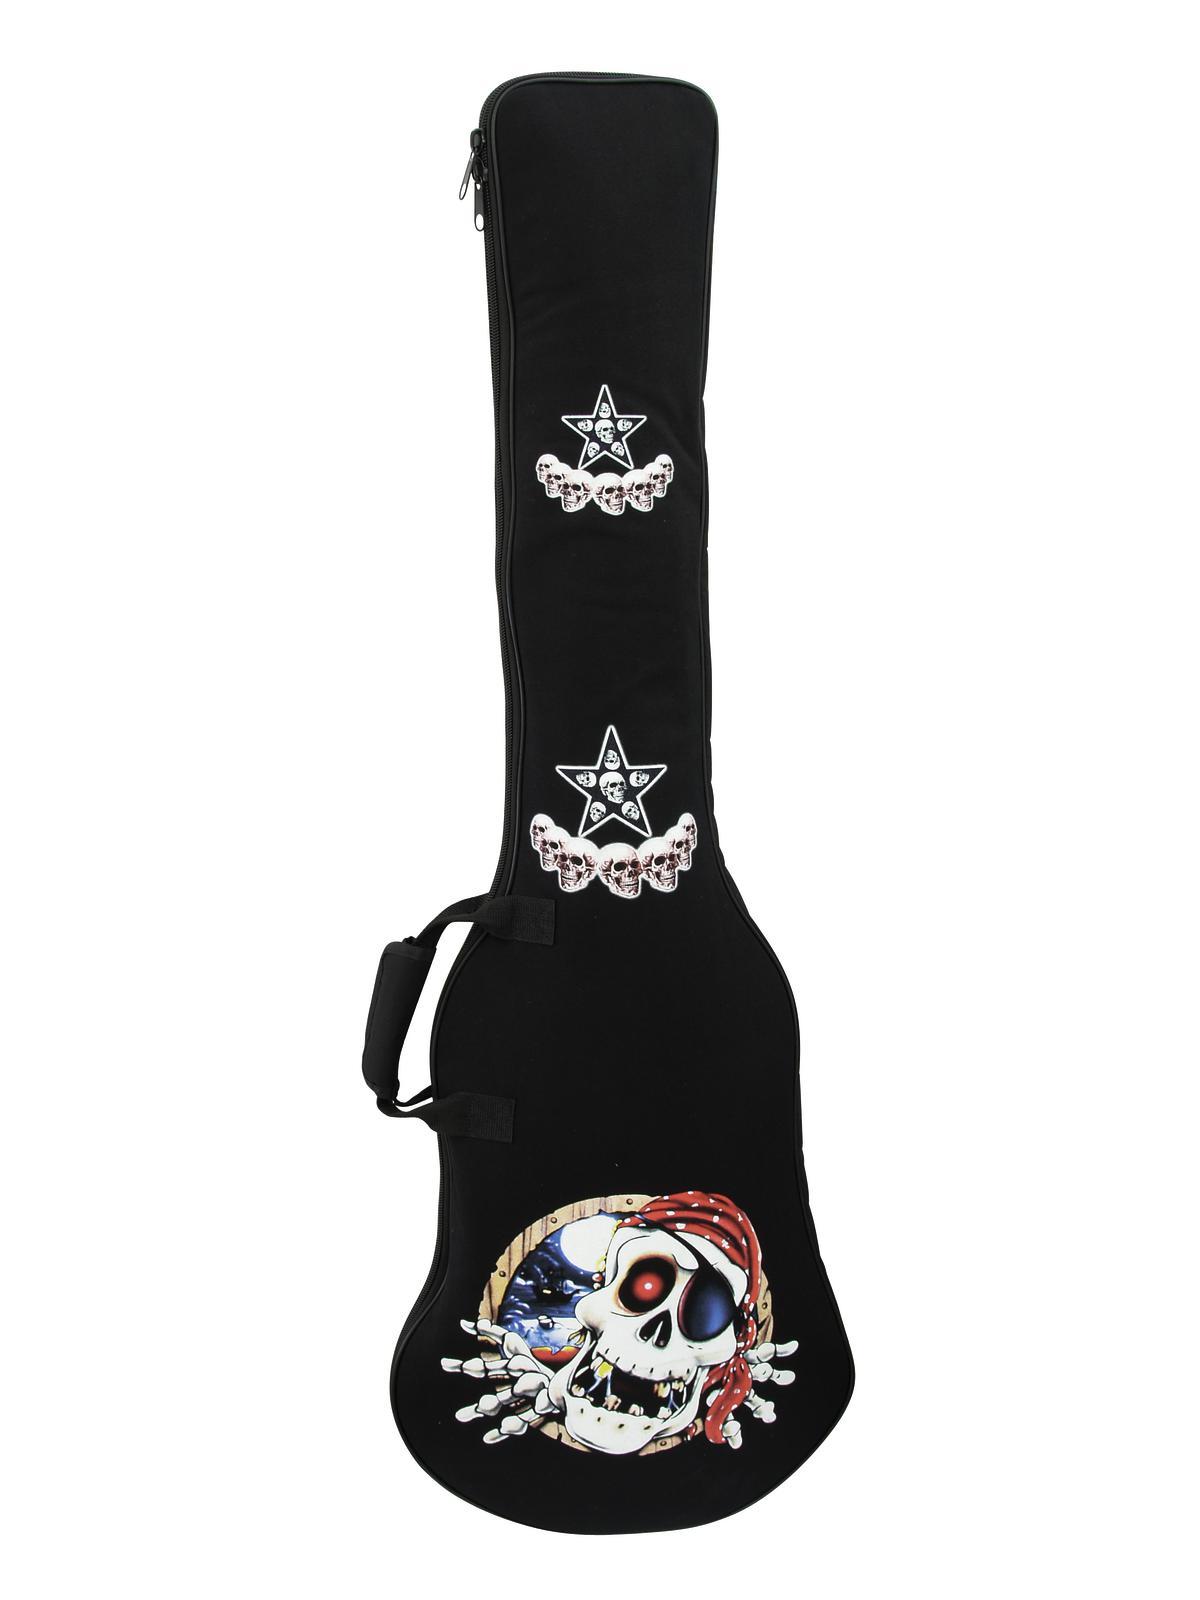 Borsa Custodia Bag per Basso in nylon 600D imbottitura 10mm con zip e tracolle